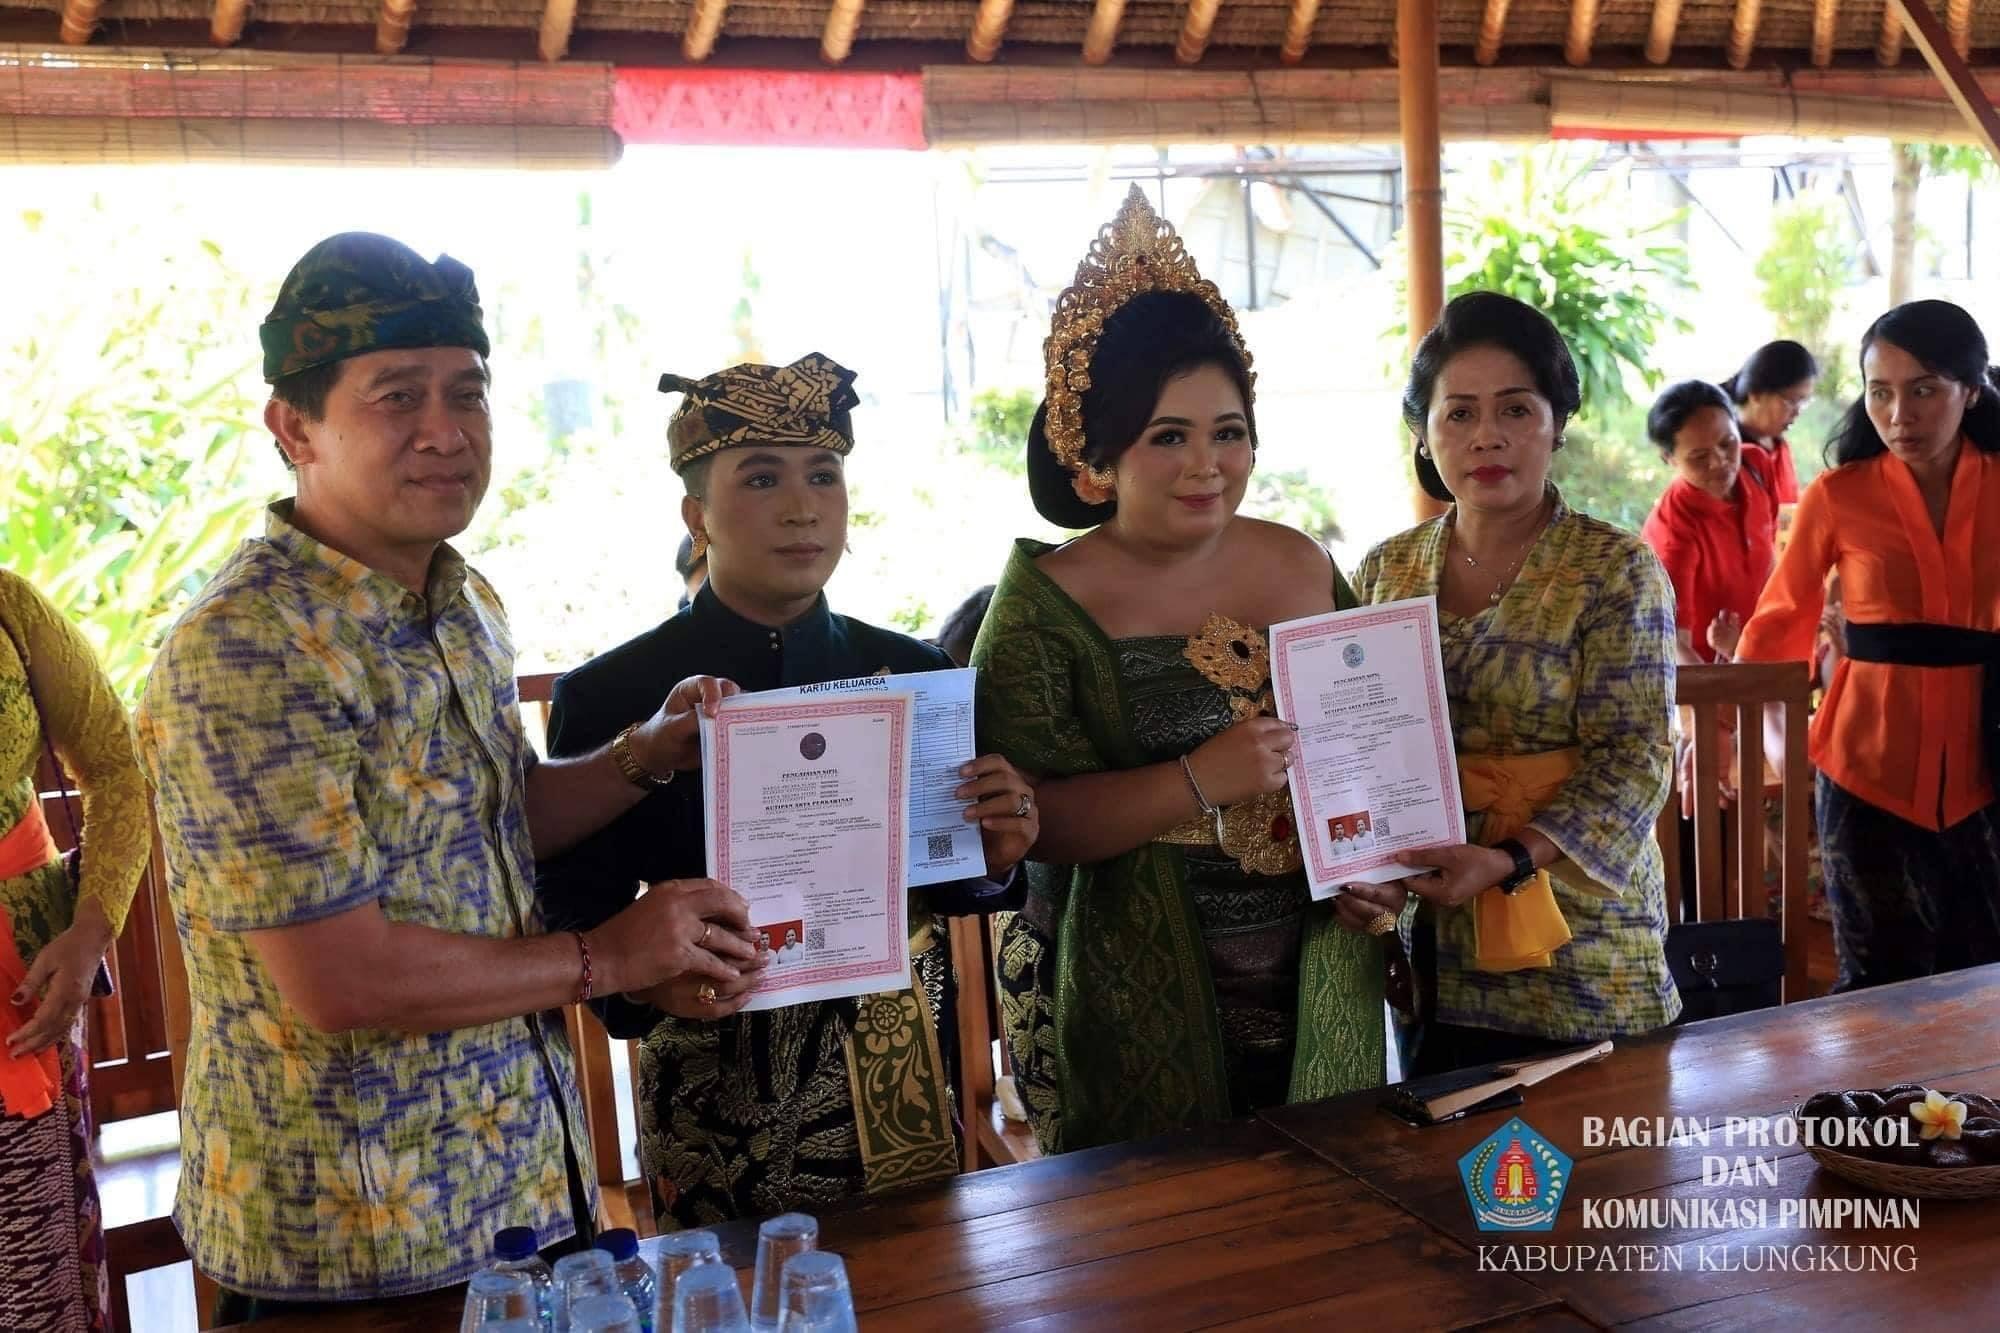 Bupati_Klungkung_menghadiri_undangan_pernikahan.jpg